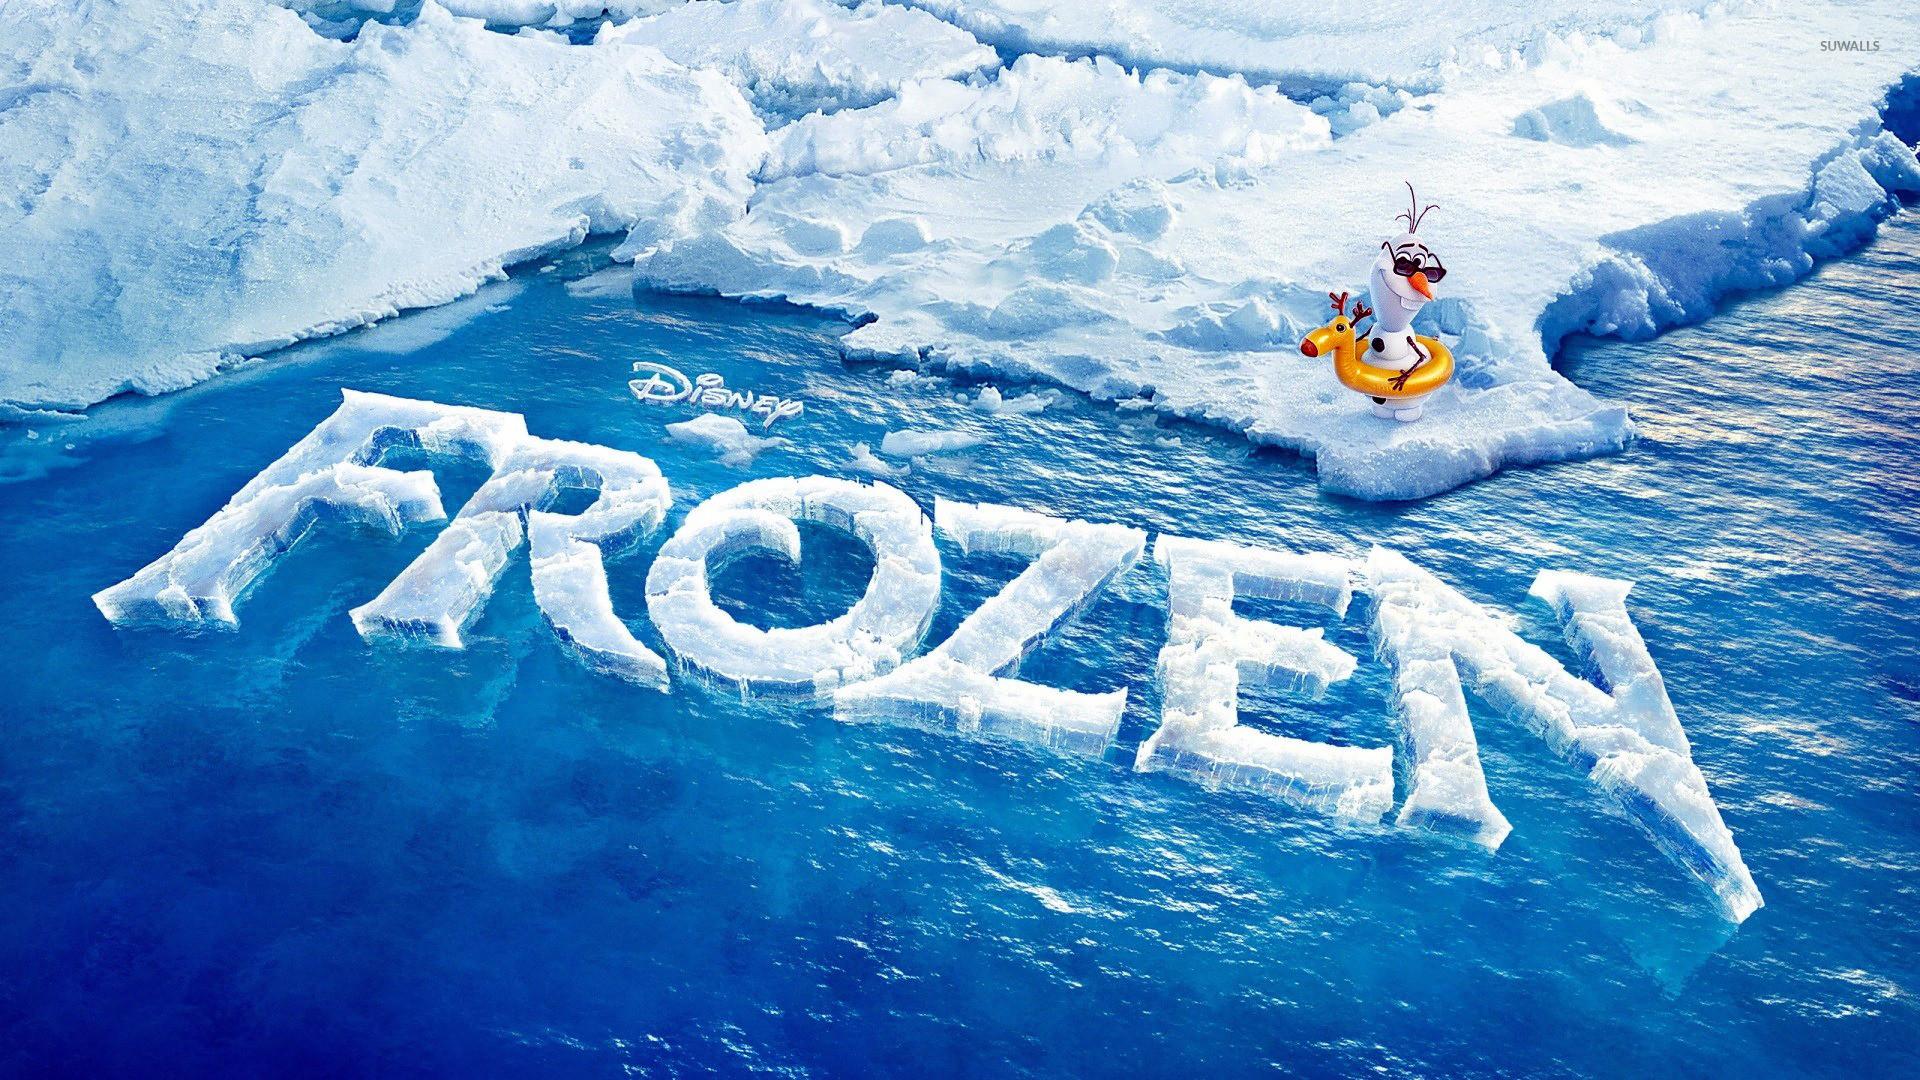 Frozen wallpapers 4k